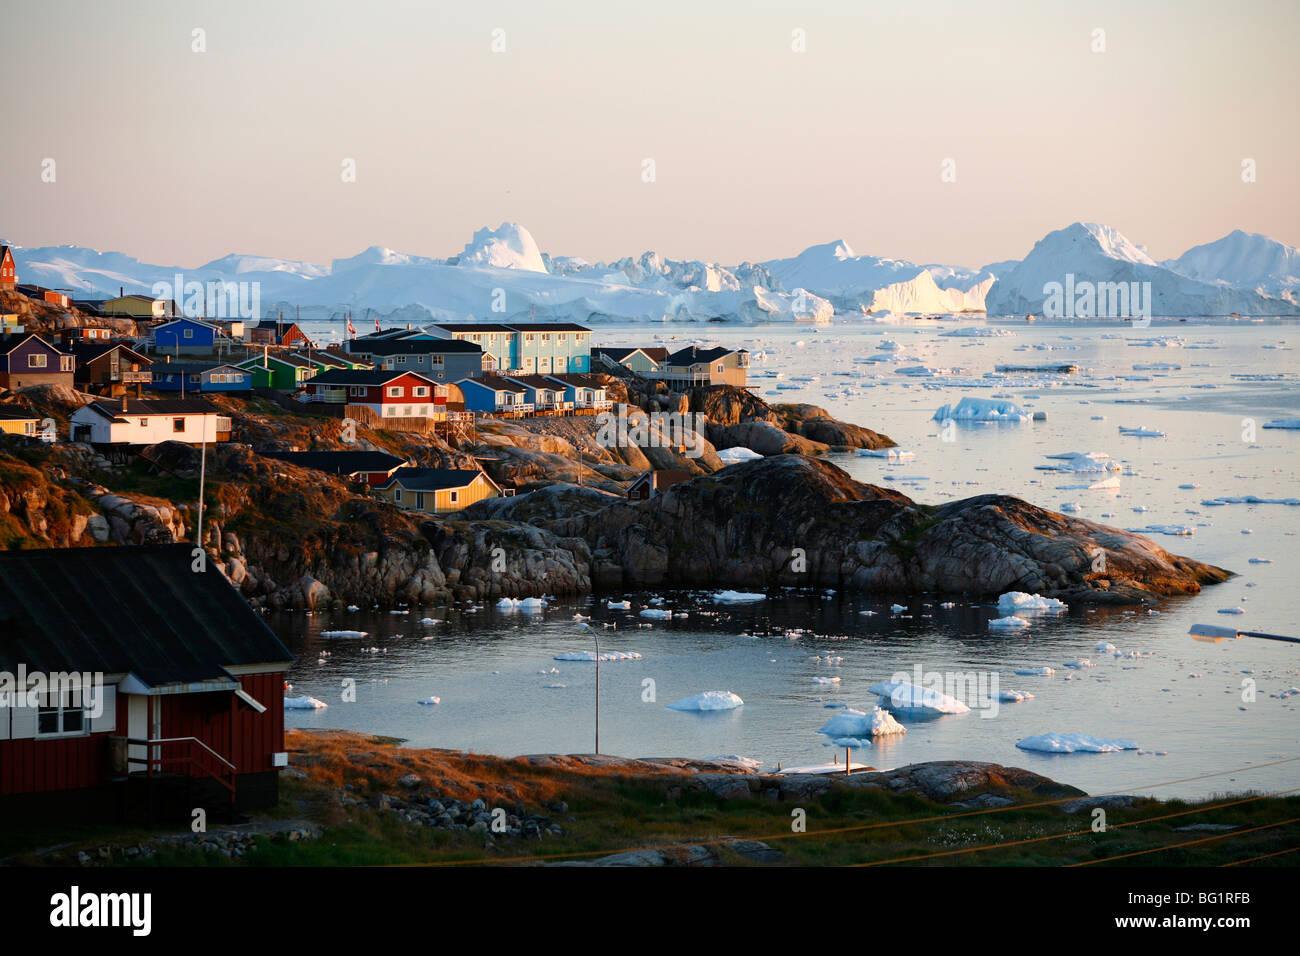 Una vista sobre las casas y el Ilulissat Kangerlua Glaciar Sermeq Kujalleq, también conocido como, Ilulissat, Bahía de Disko, Groenlandia Foto de stock